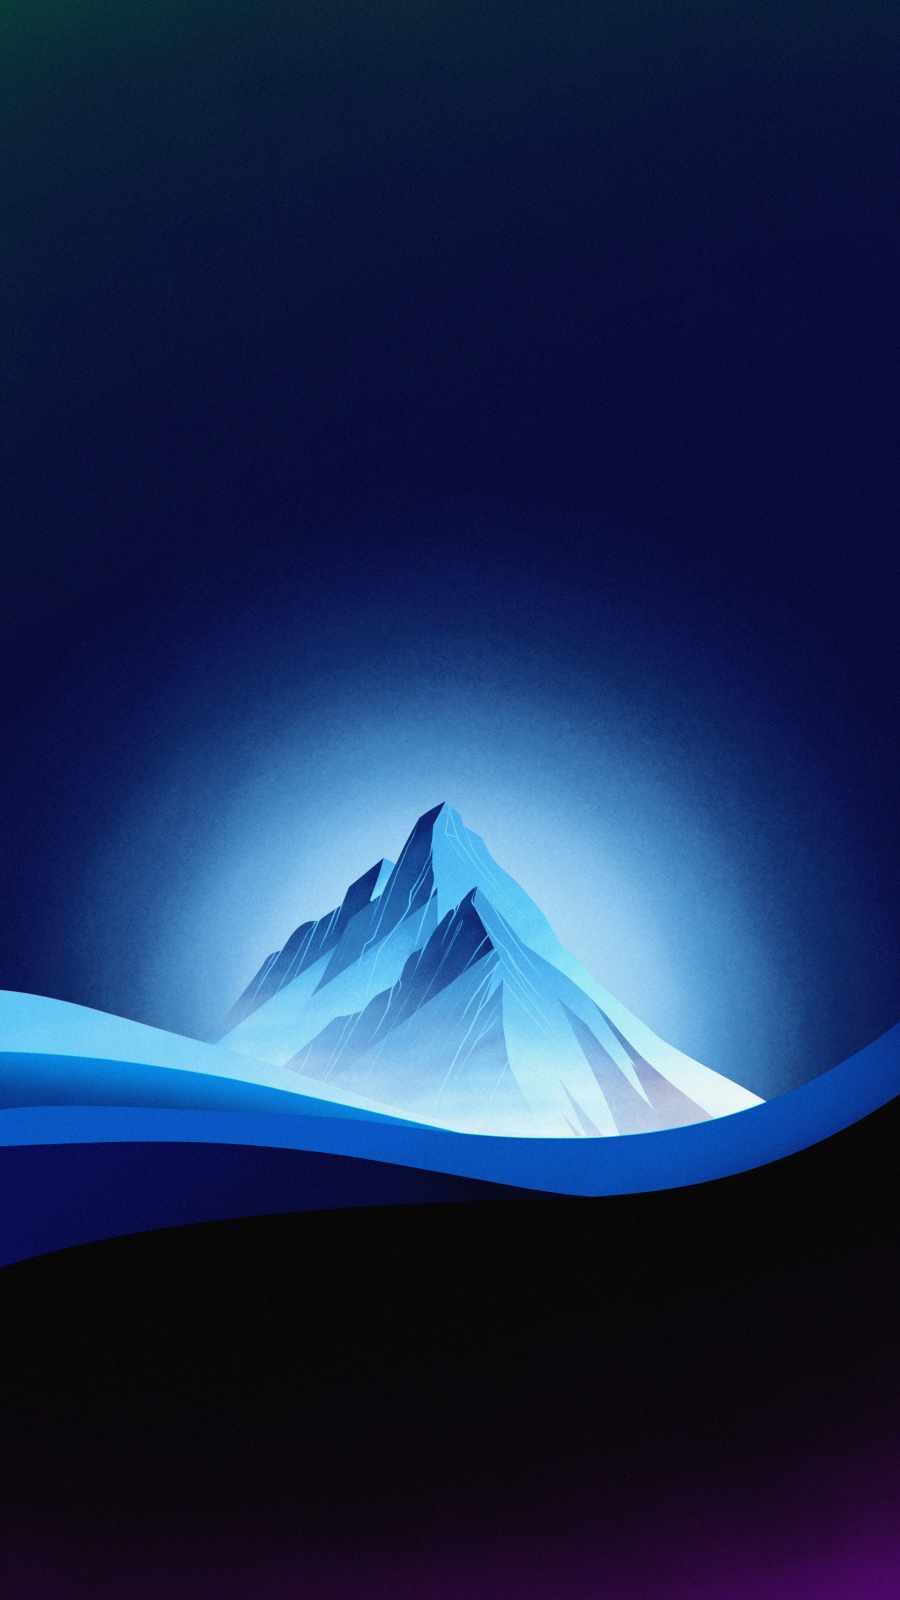 Snow Mountain Minimal